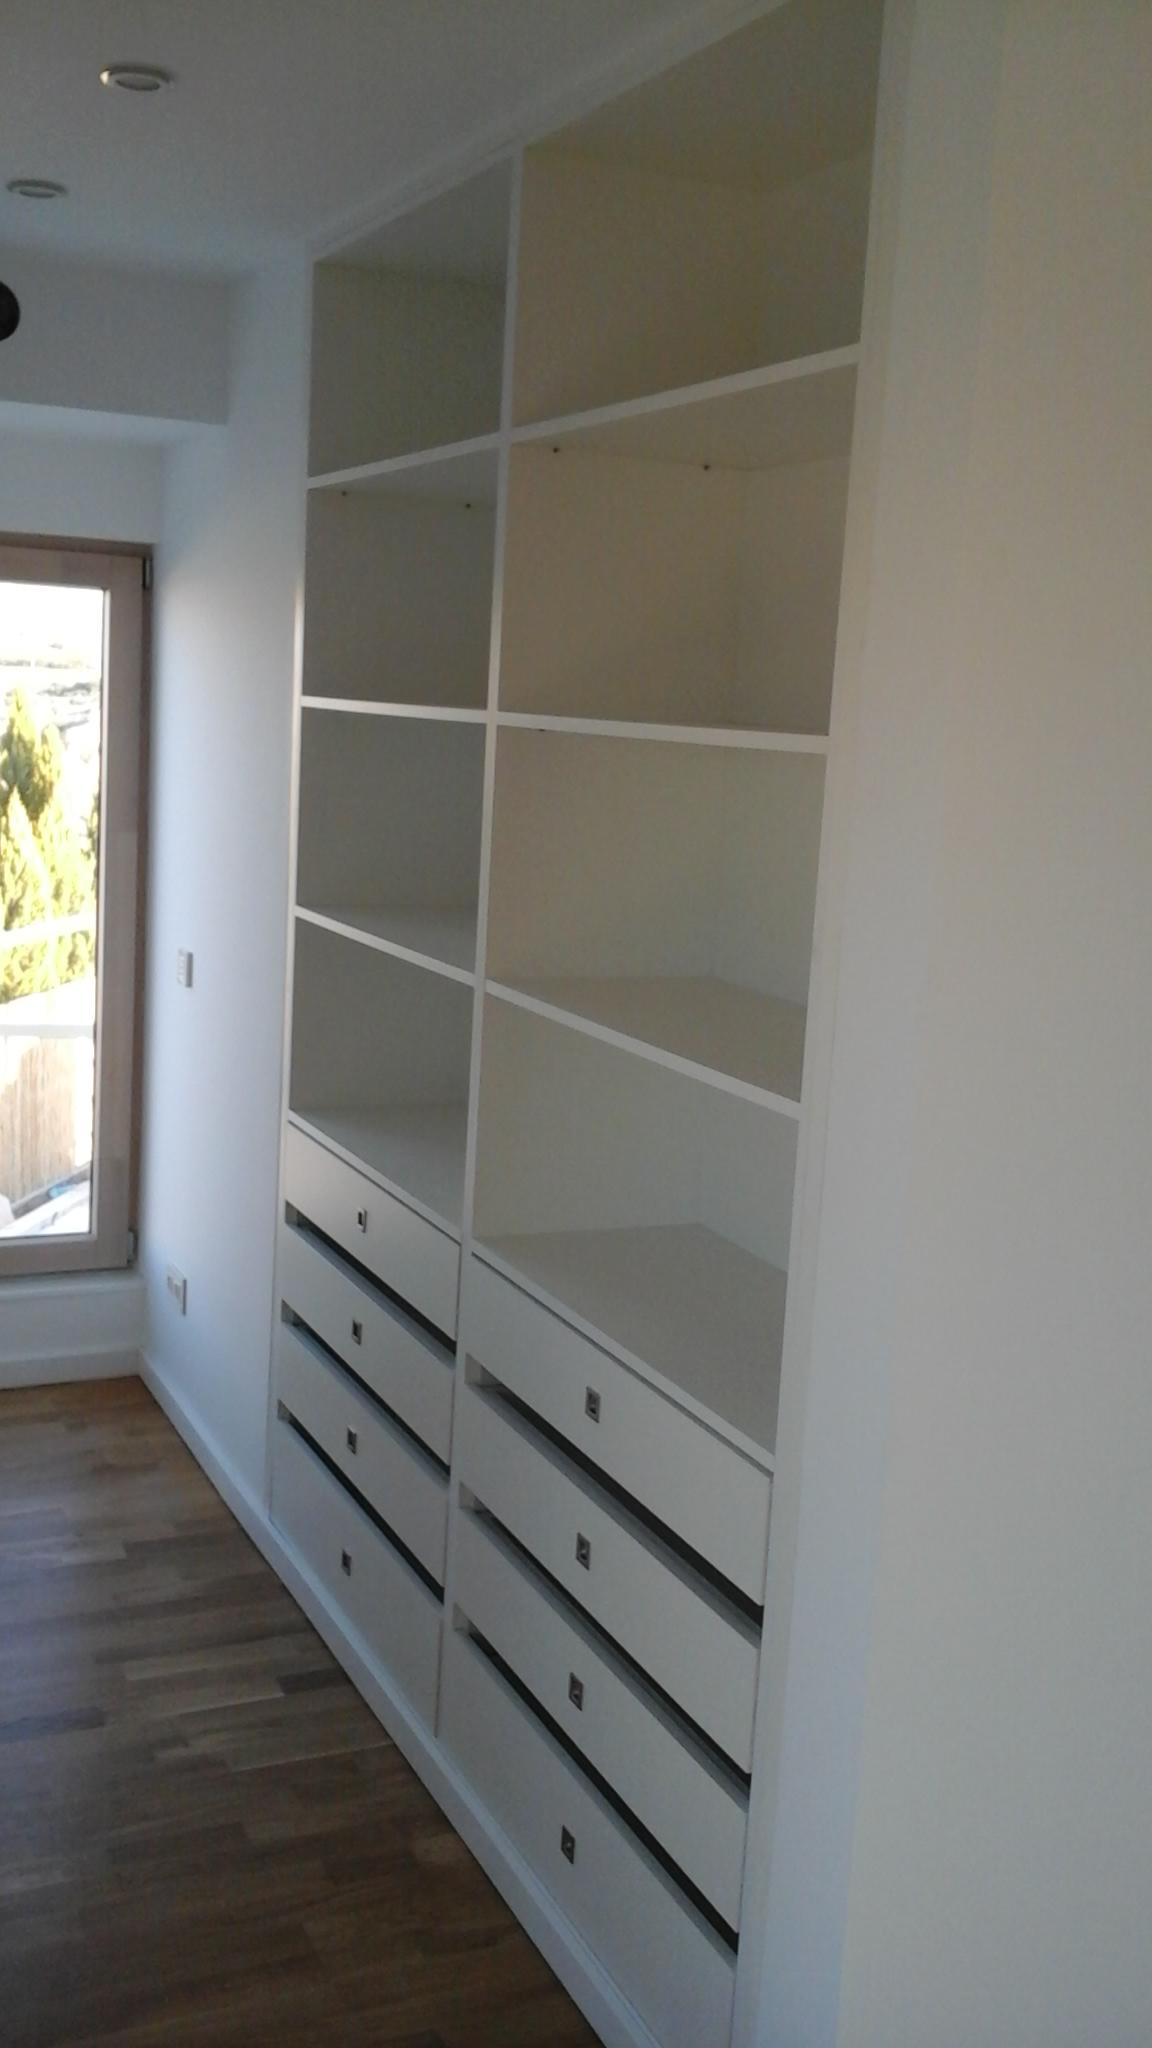 mueble empotrado con estantería